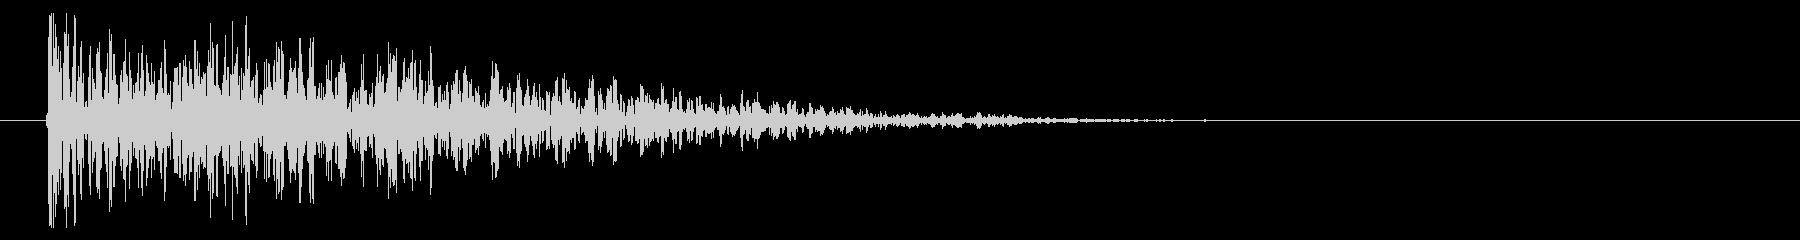 8ビット風爆発音-01-3_revの未再生の波形